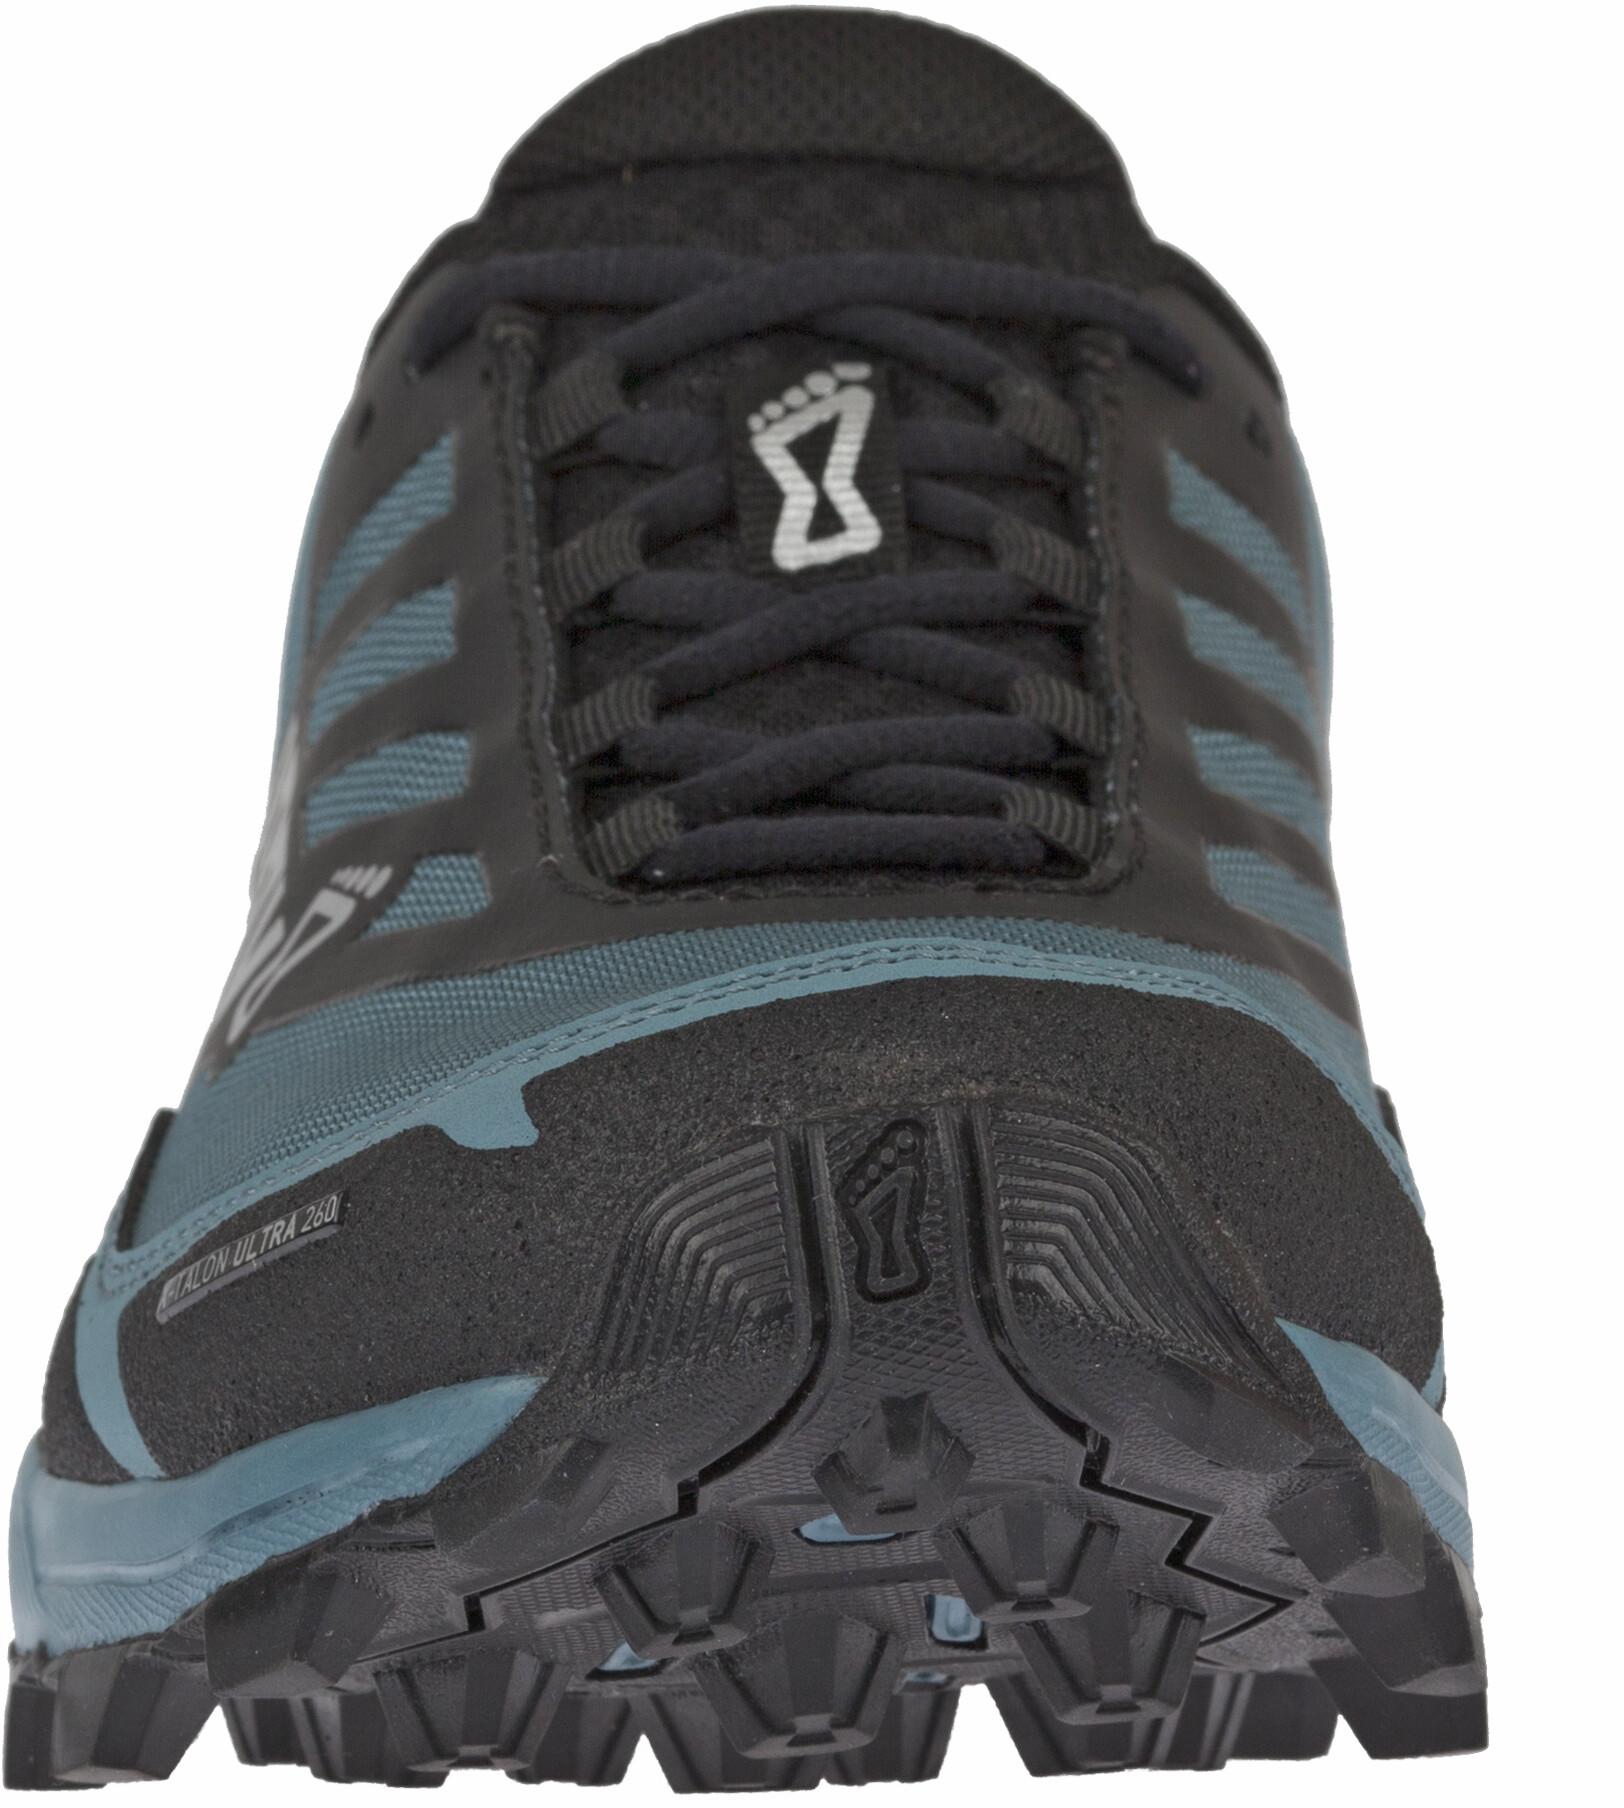 sur inov X Femme 8 Ultra grisbleu Chaussures running Talon 260 OTXikZPu